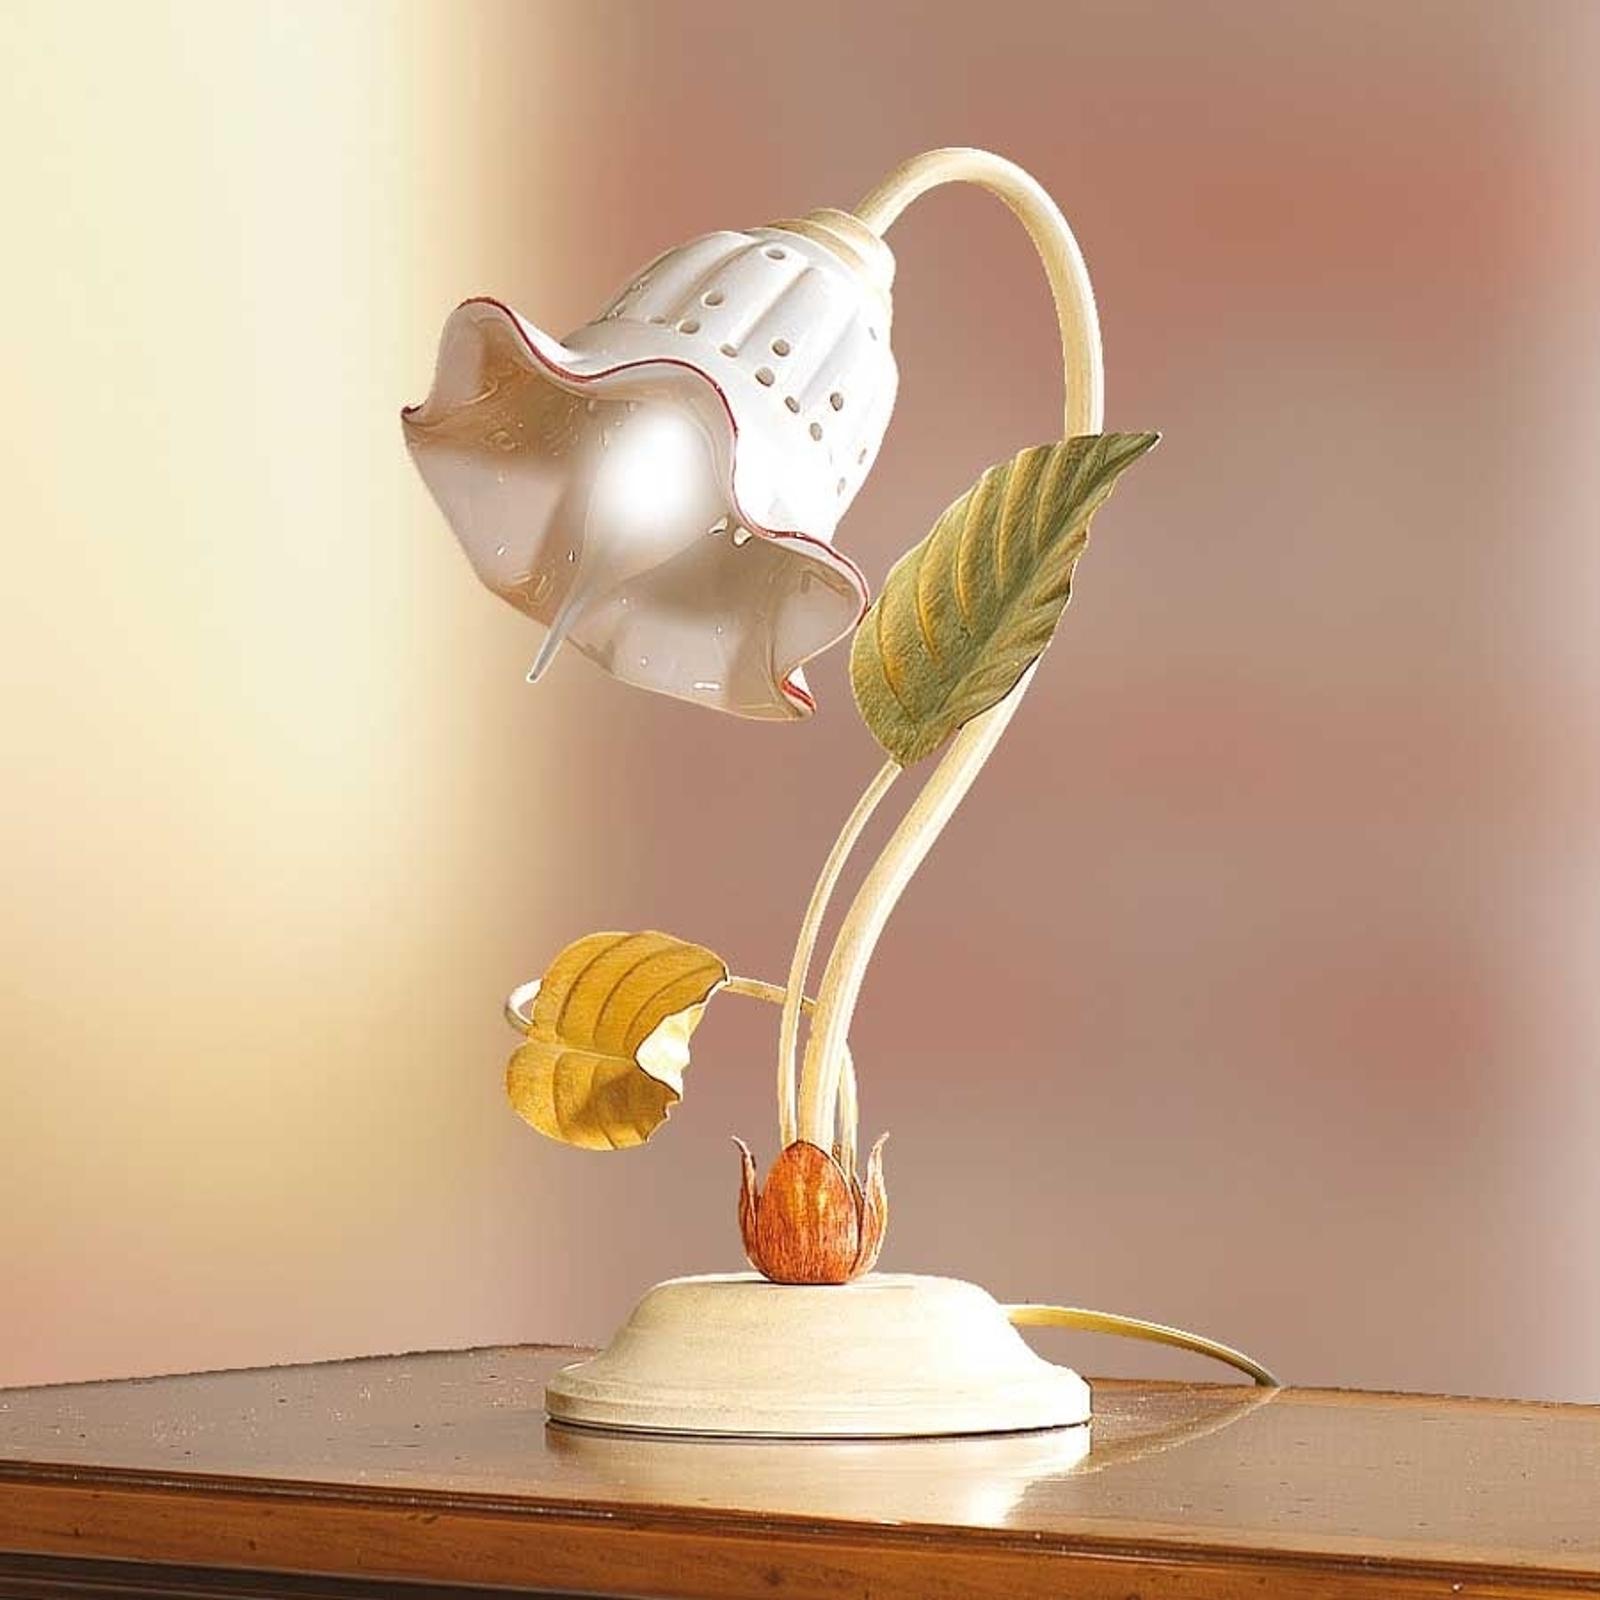 Bordslampa GIADE i florentinsk stil